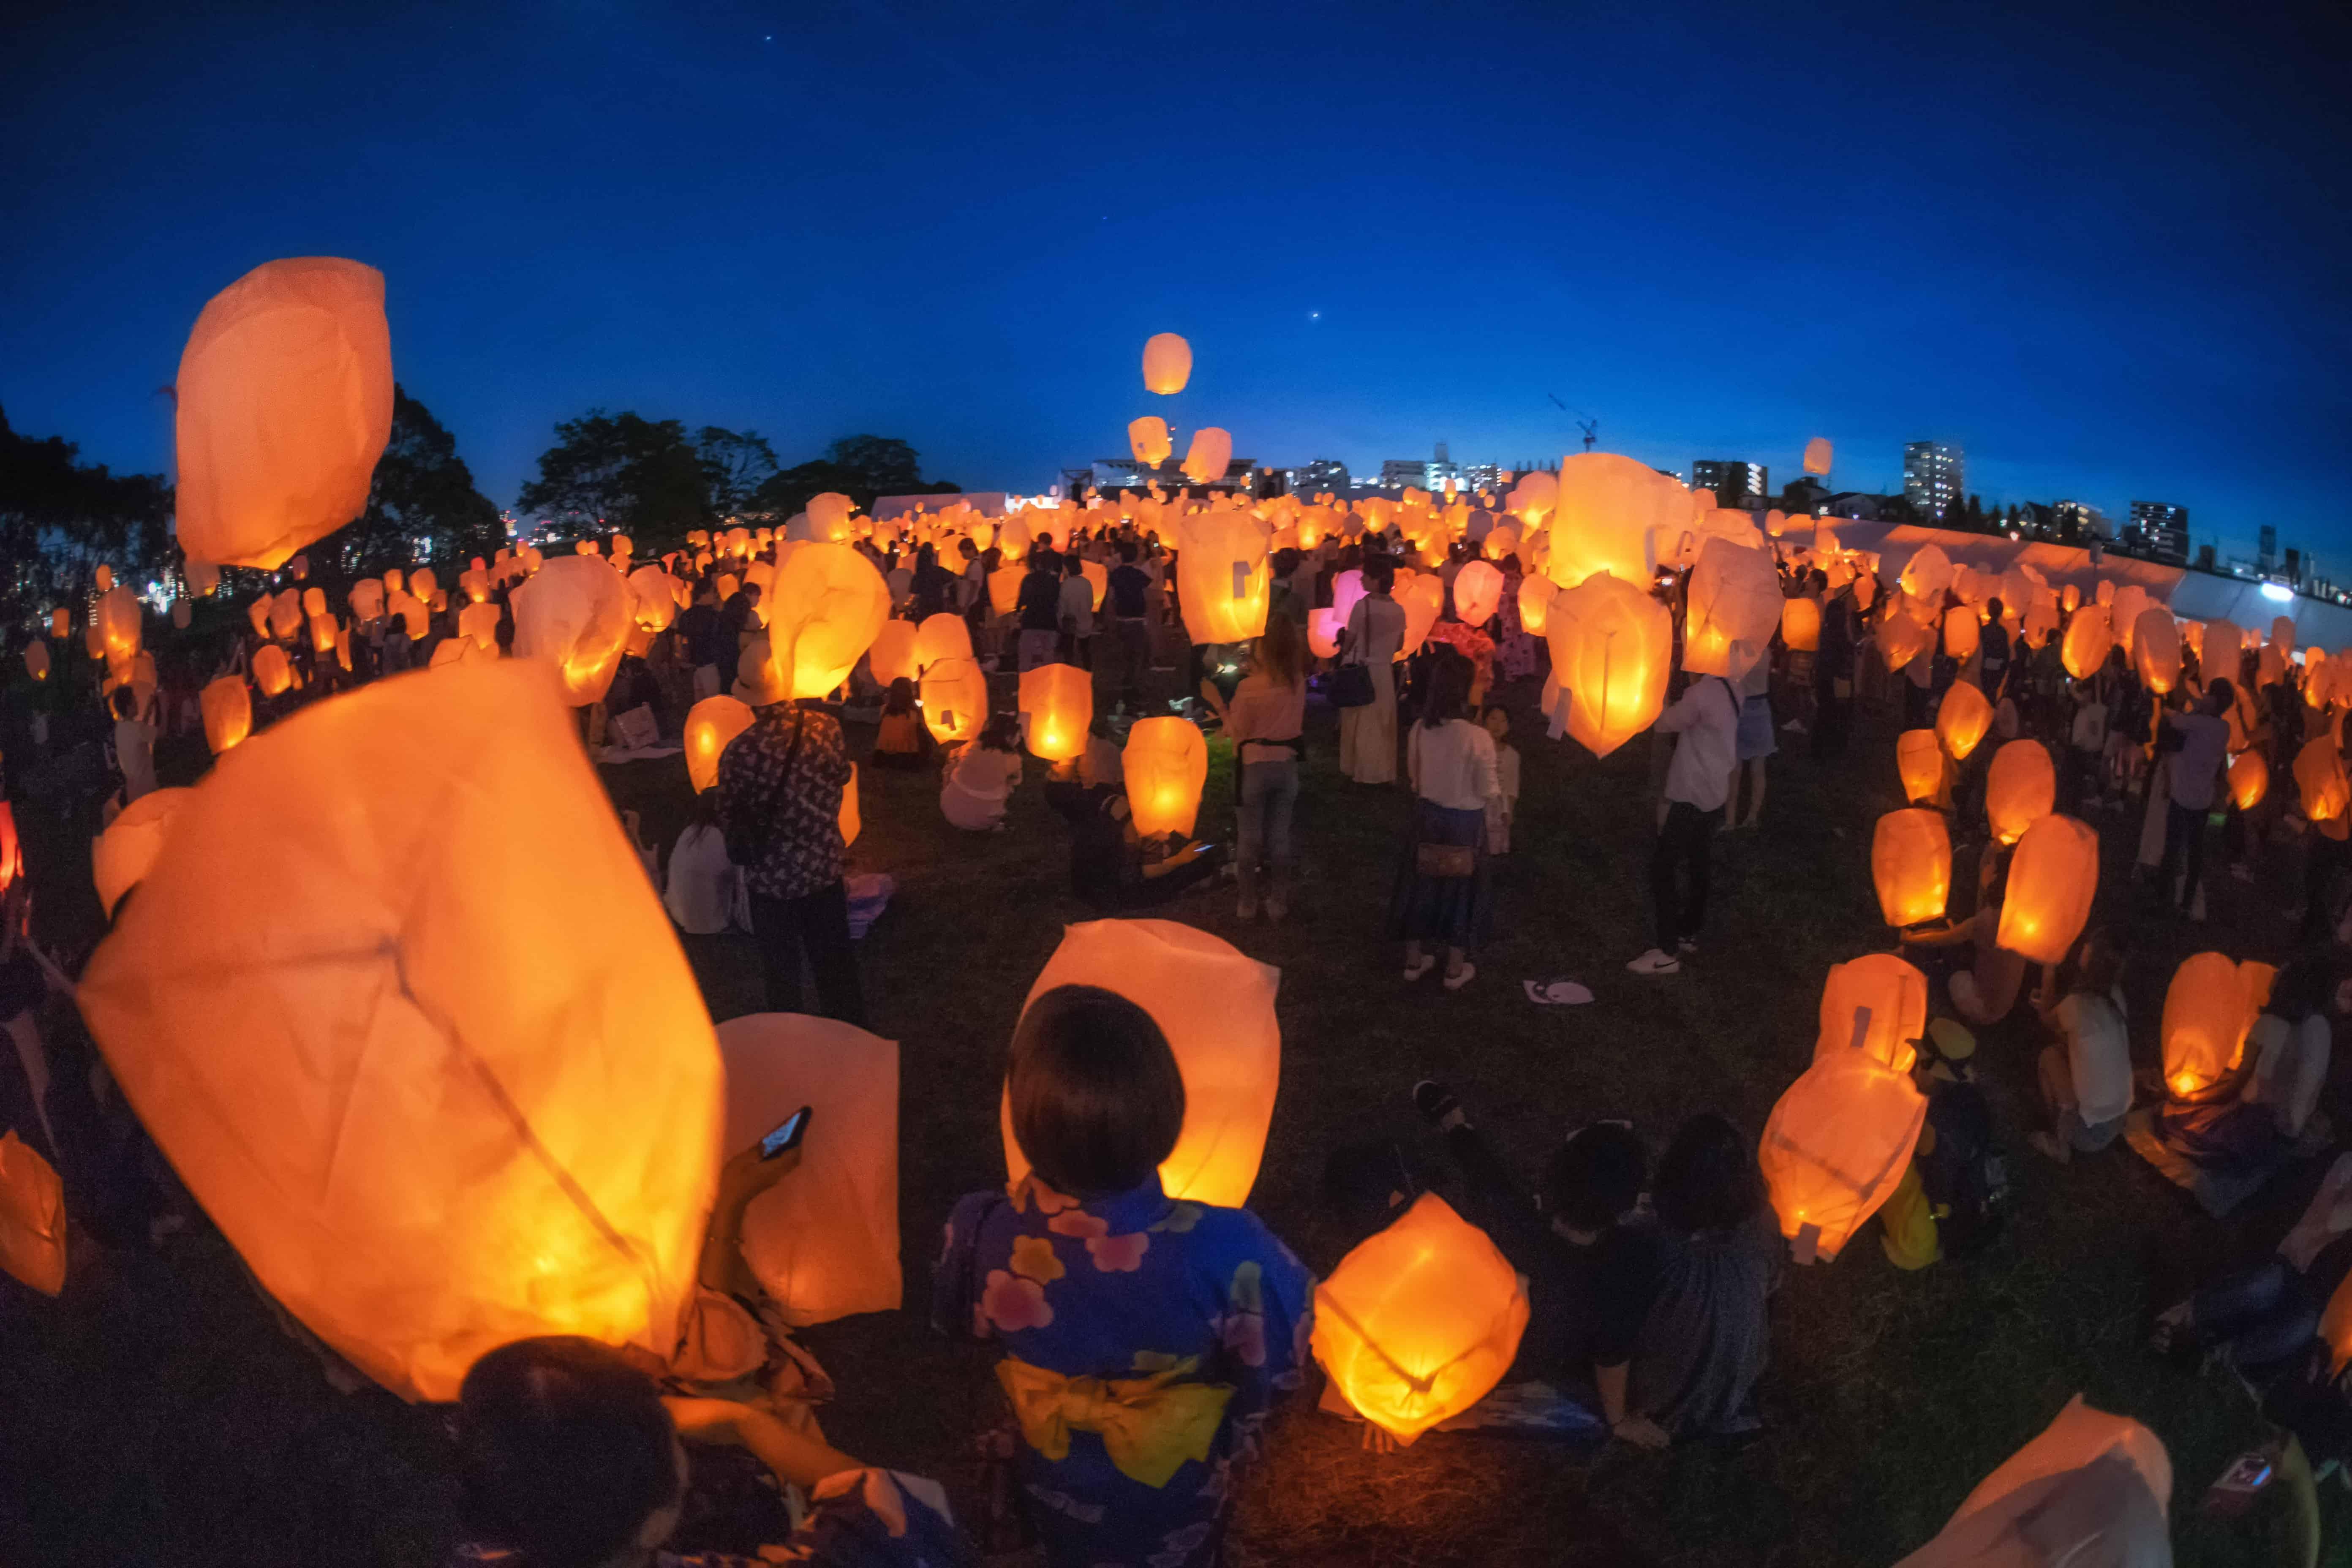 เทศกาลโคมลอยทานาบาตะ (Tanabata Sky Lantern Festival) เกียวโต